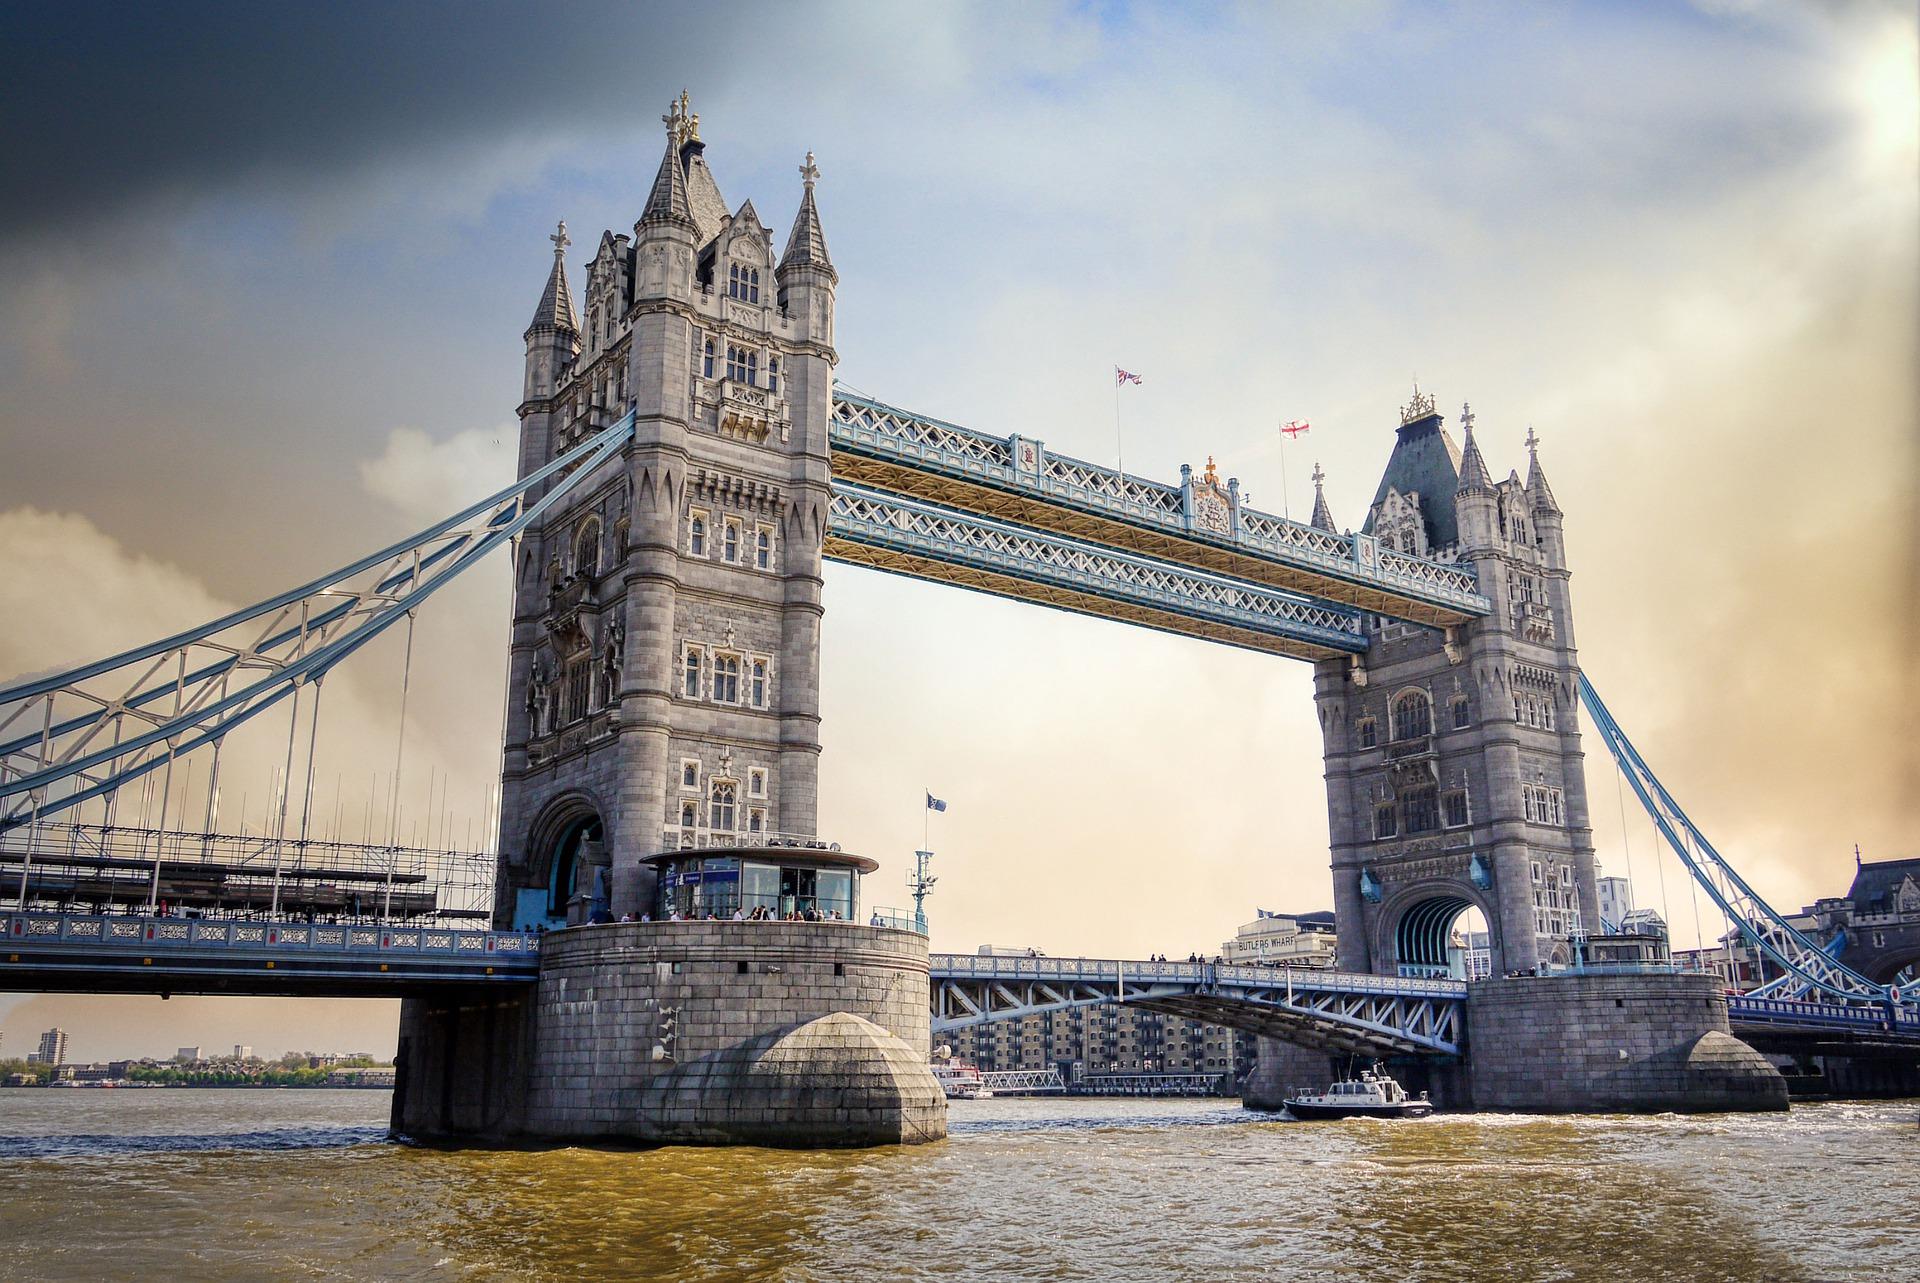 Private detectives and investigators in United Kingdom